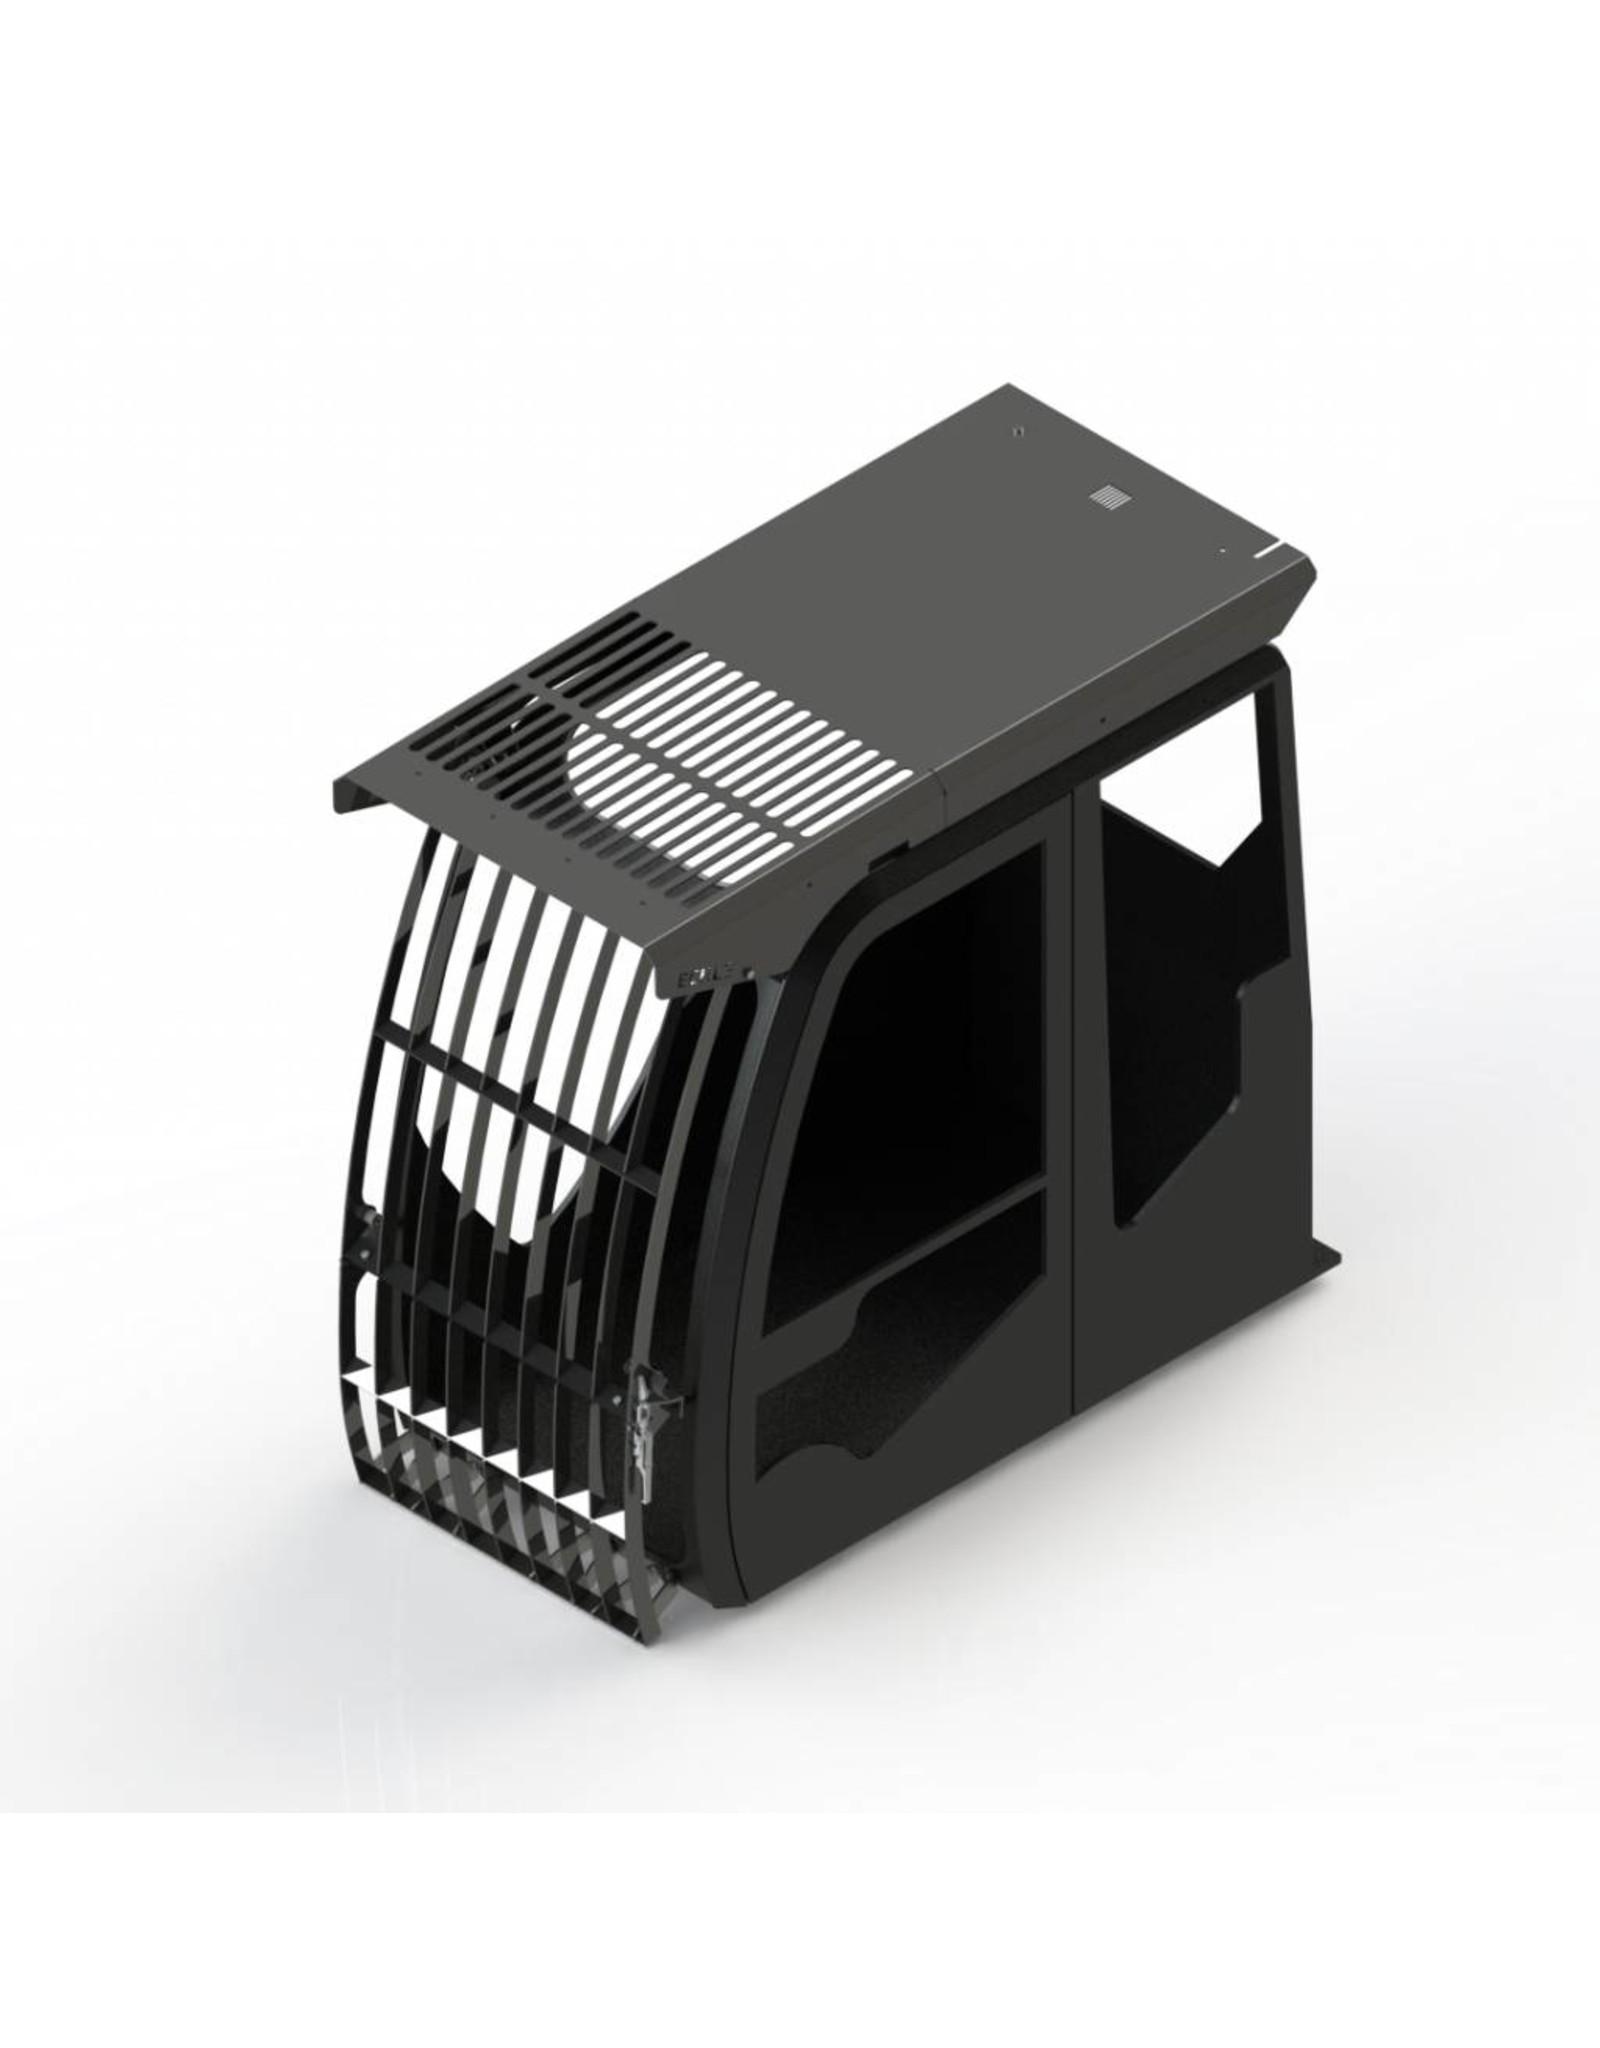 Echle Hartstahl GmbH FOPS pour Komatsu PC170LC-10/11